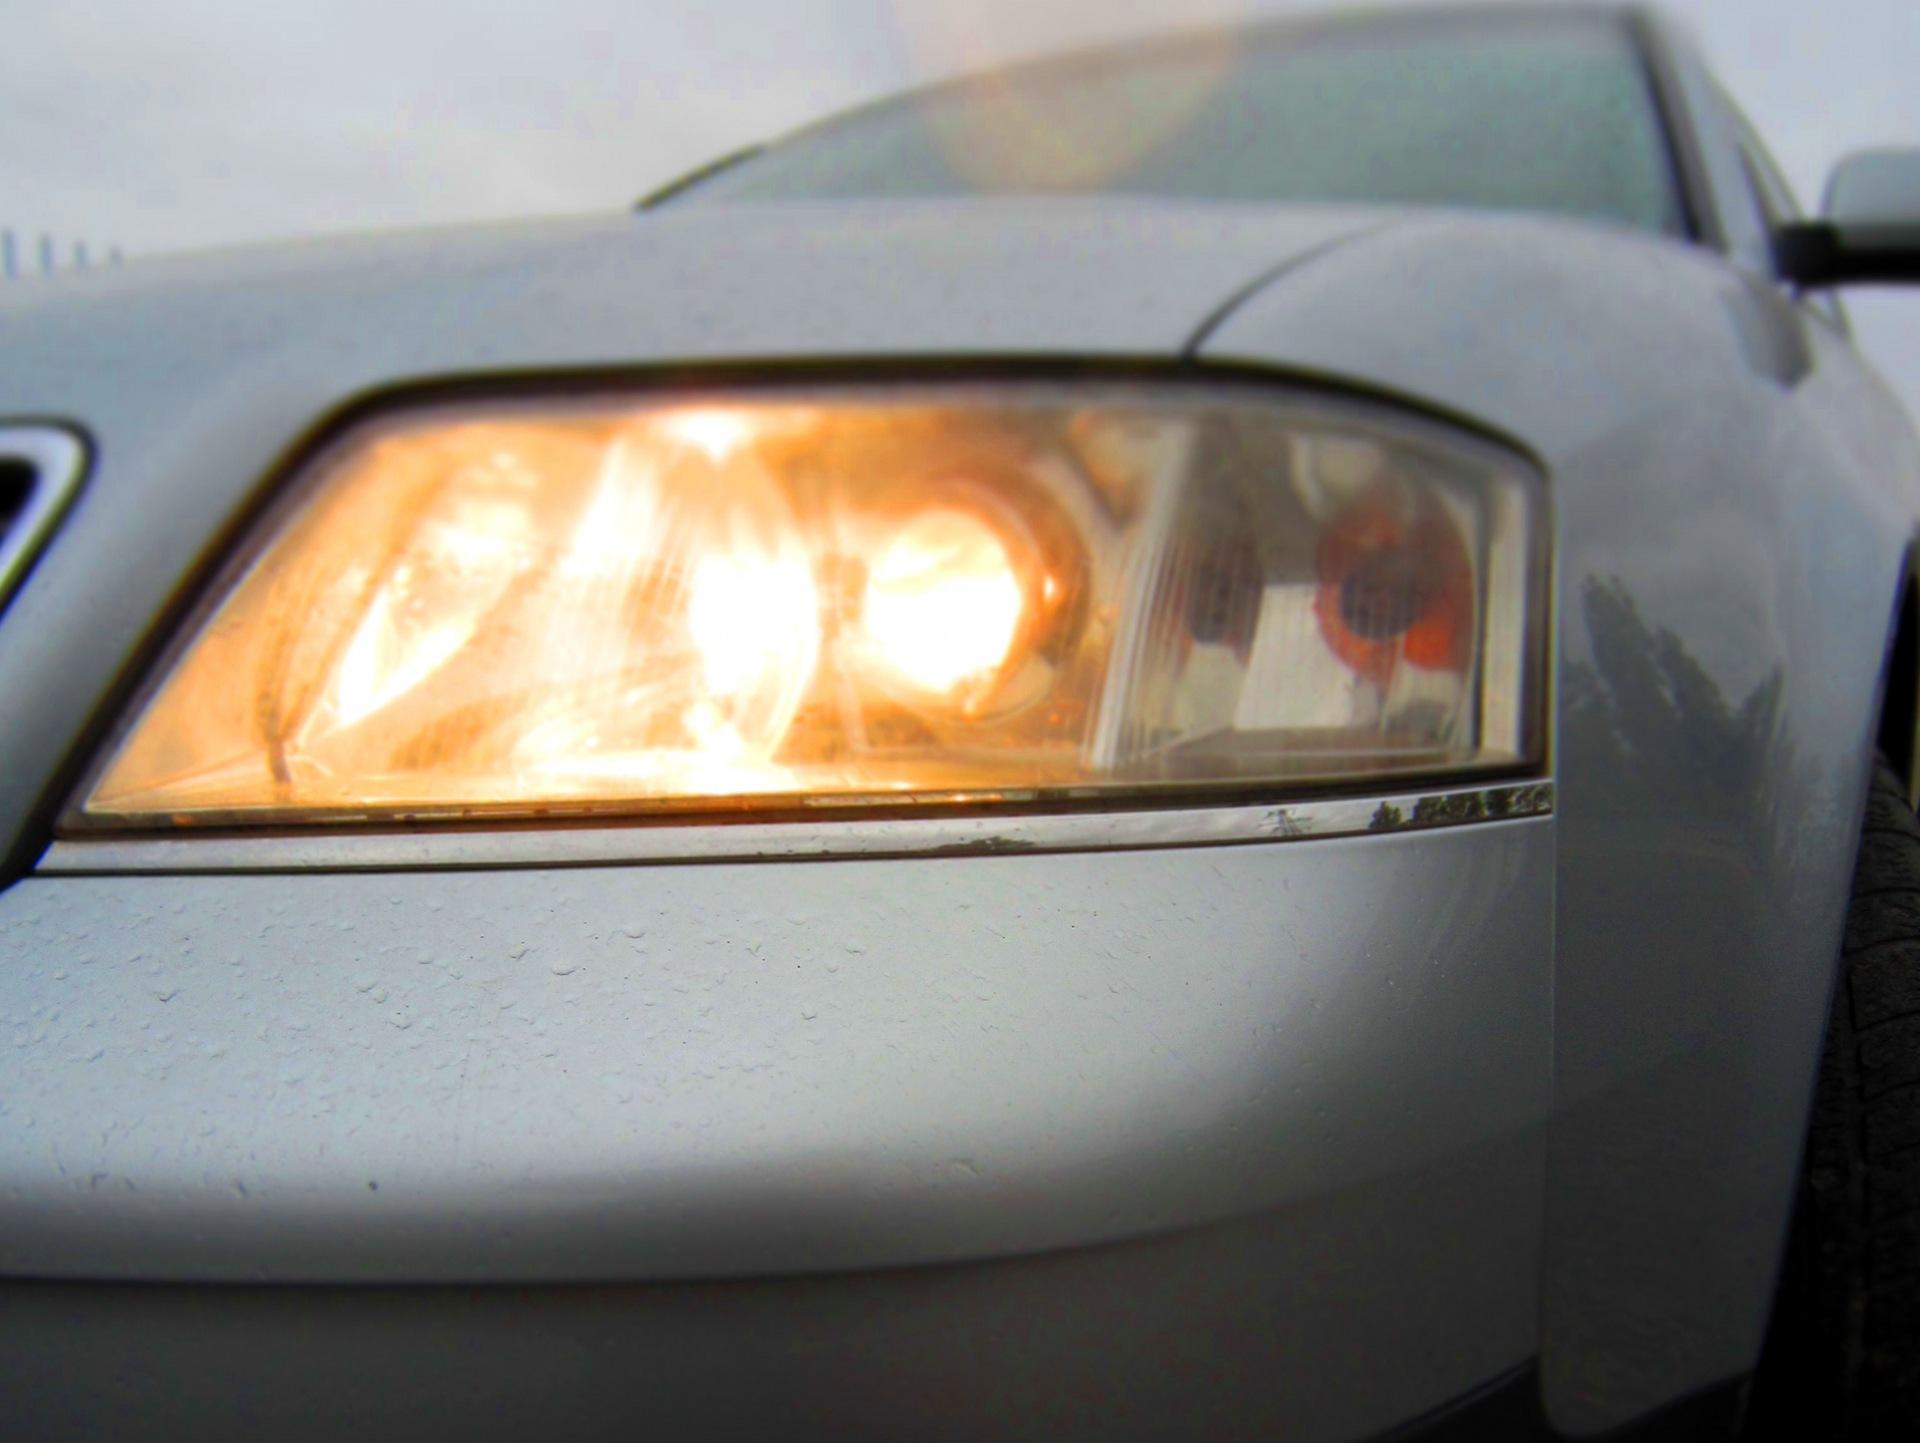 Бобруйская ГАИ напоминает о необходимости включать ближний свет в период с 25.08 по 05.09